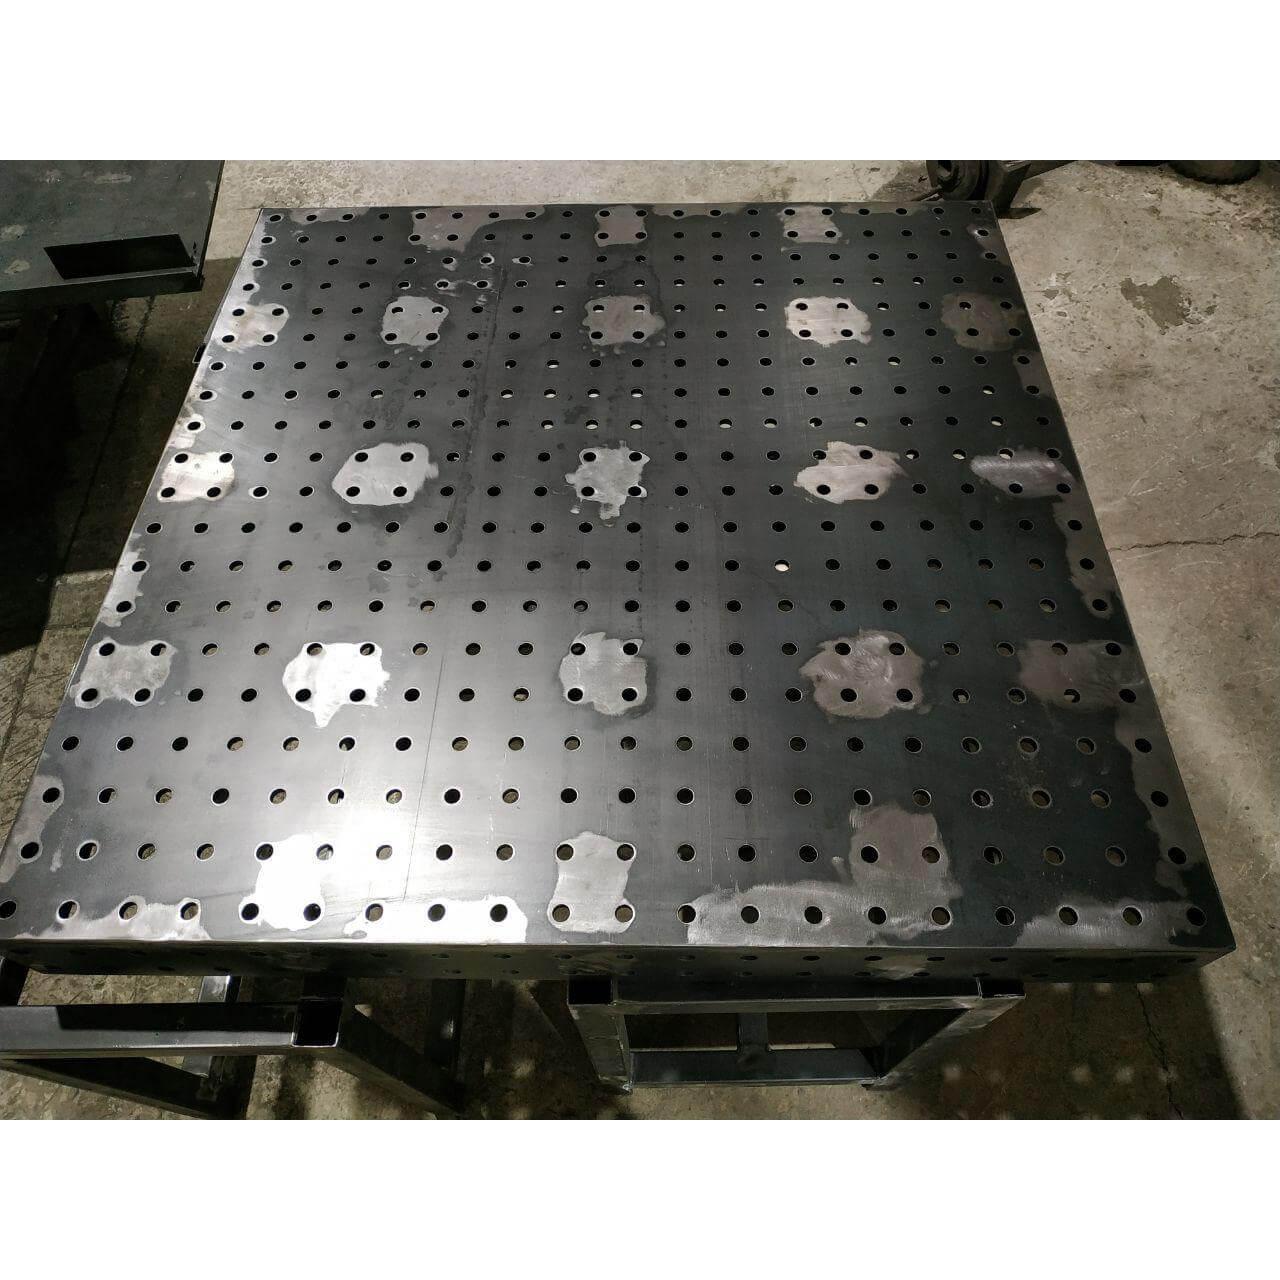 стол сварочный сборочный с отверстиями 16 мм толщиной 6 8 10 12